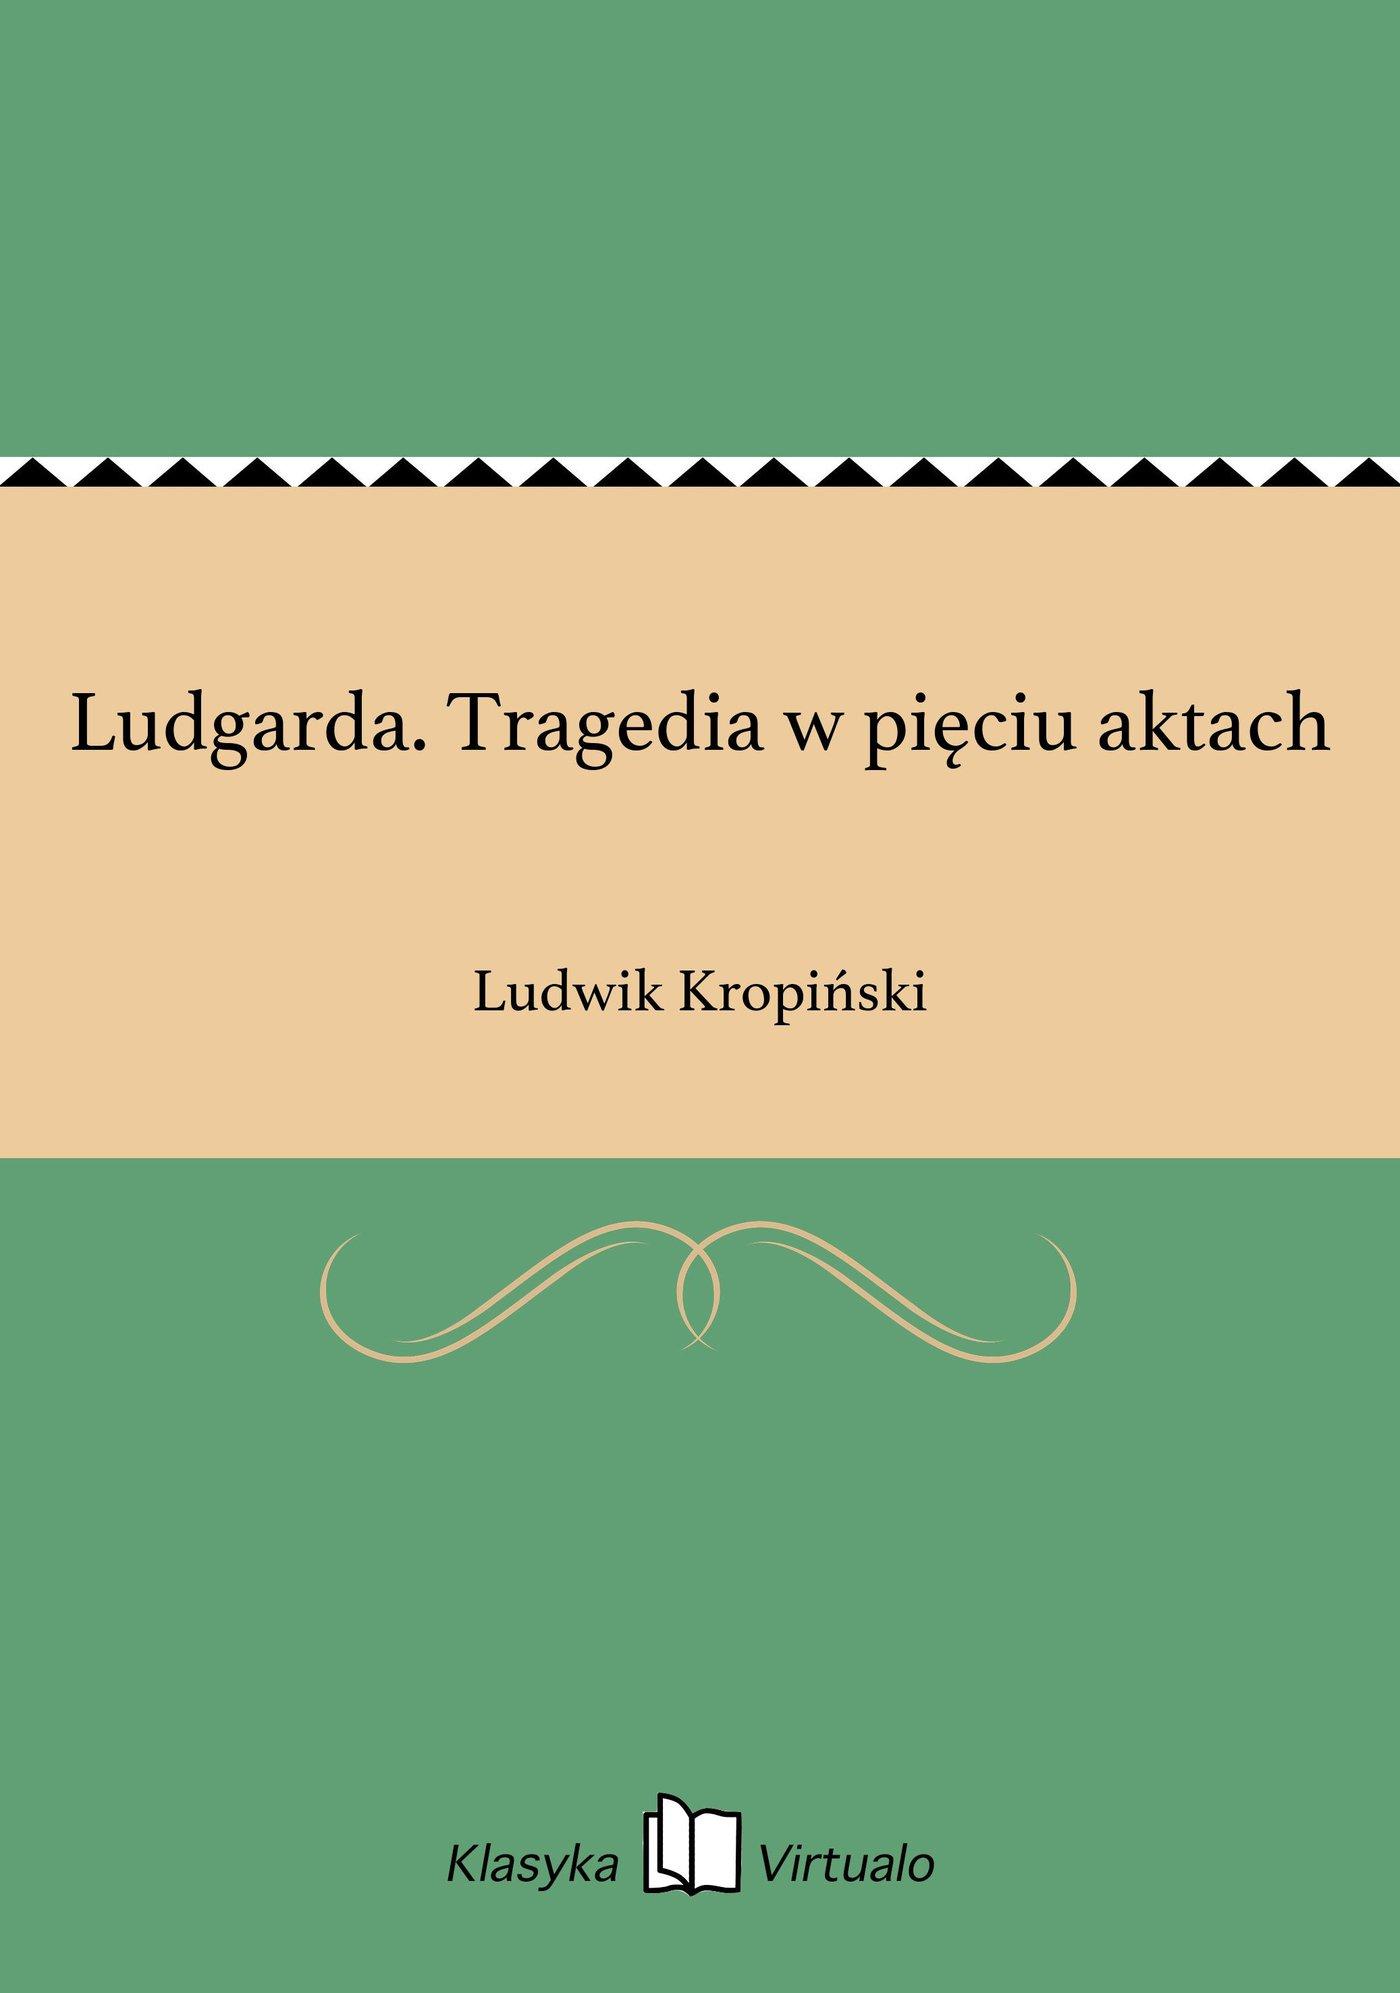 Ludgarda. Tragedia w pięciu aktach - Ebook (Książka EPUB) do pobrania w formacie EPUB